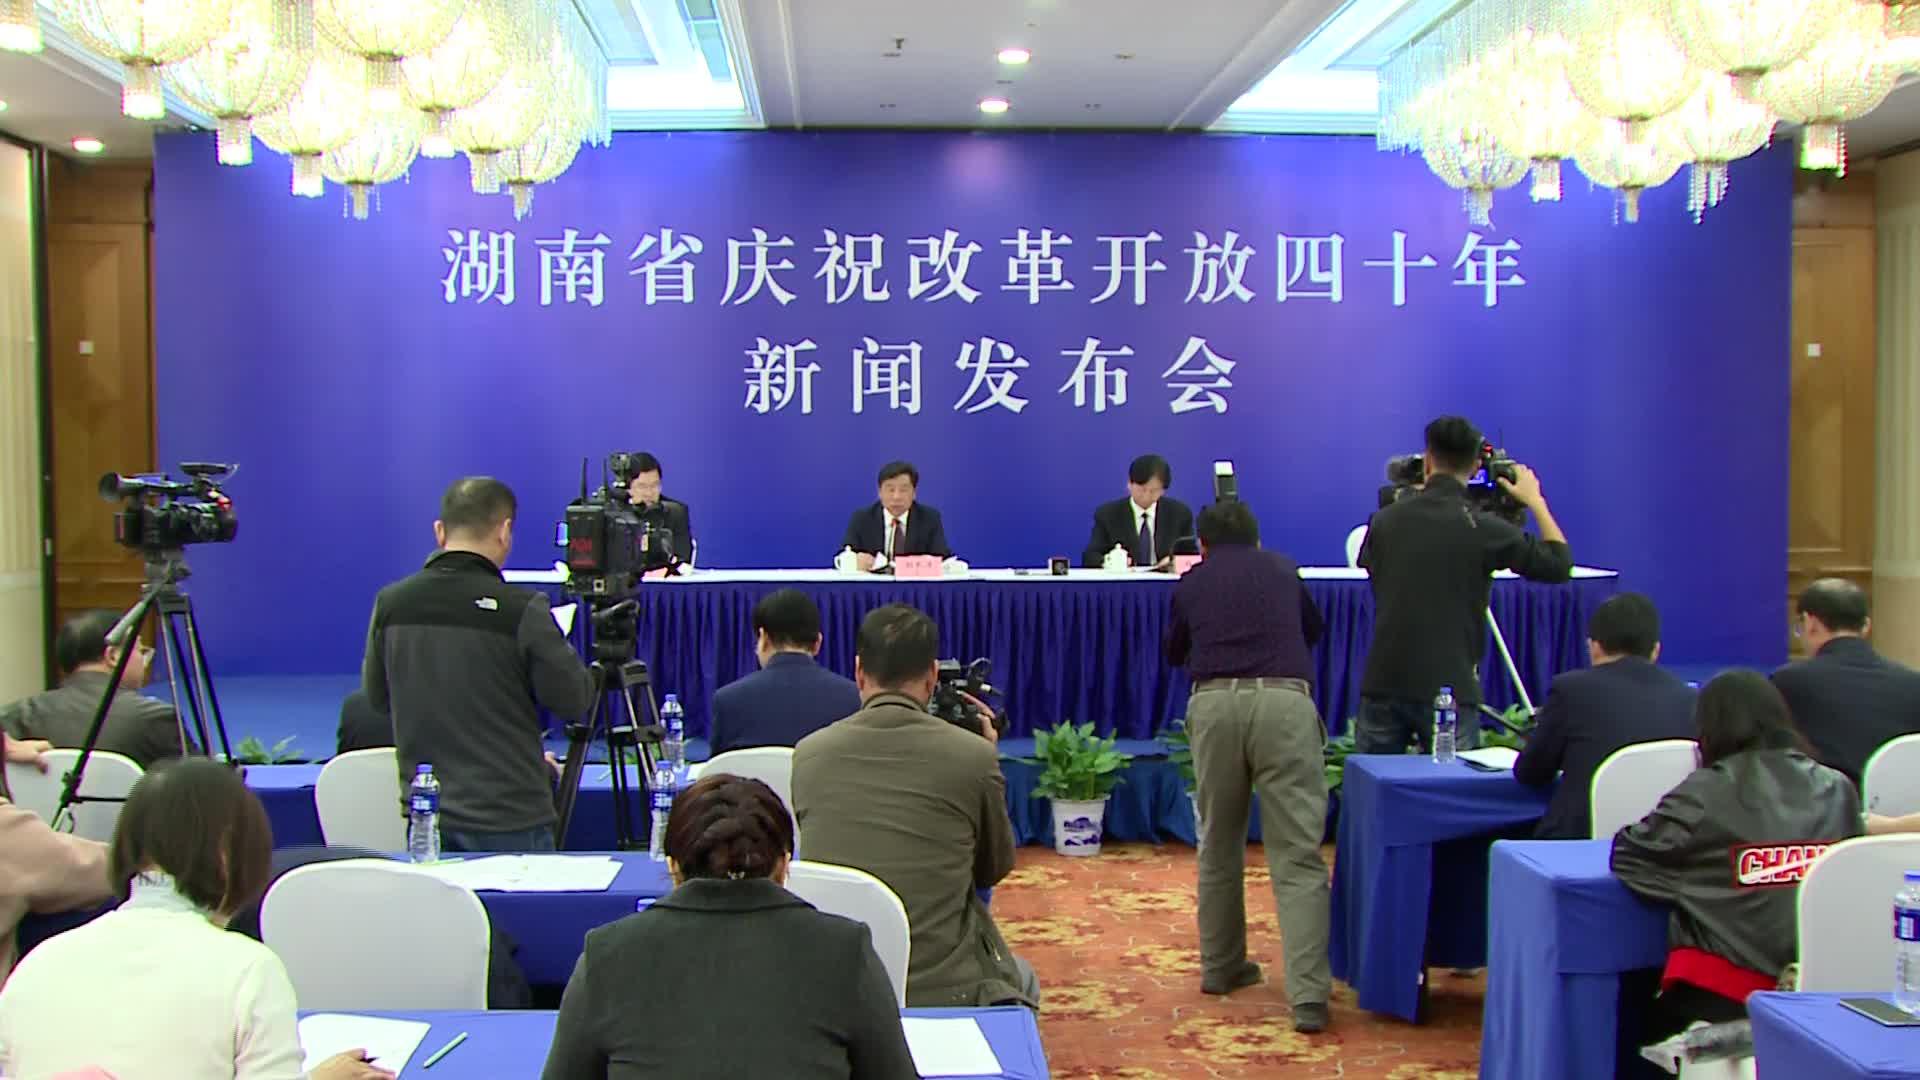 【全程回放】湖南省庆祝改革开放四十年新闻发布会:改革开放40年来全省林业改革发展成就